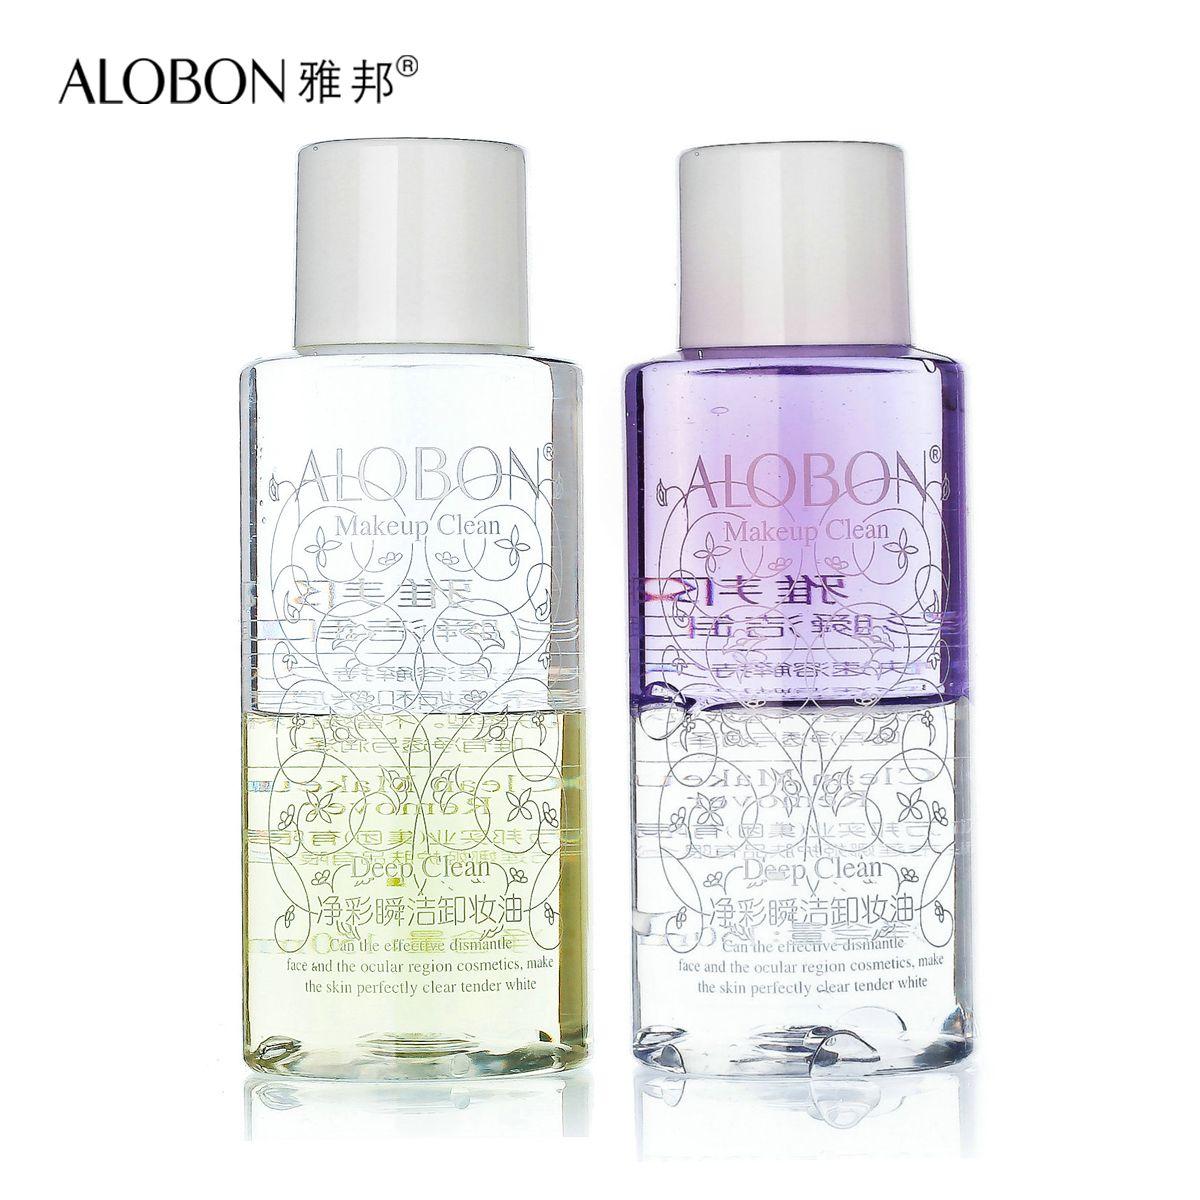 ALOBON/雅邦净彩瞬洁卸妆油 150ml 不留残妆和油腻